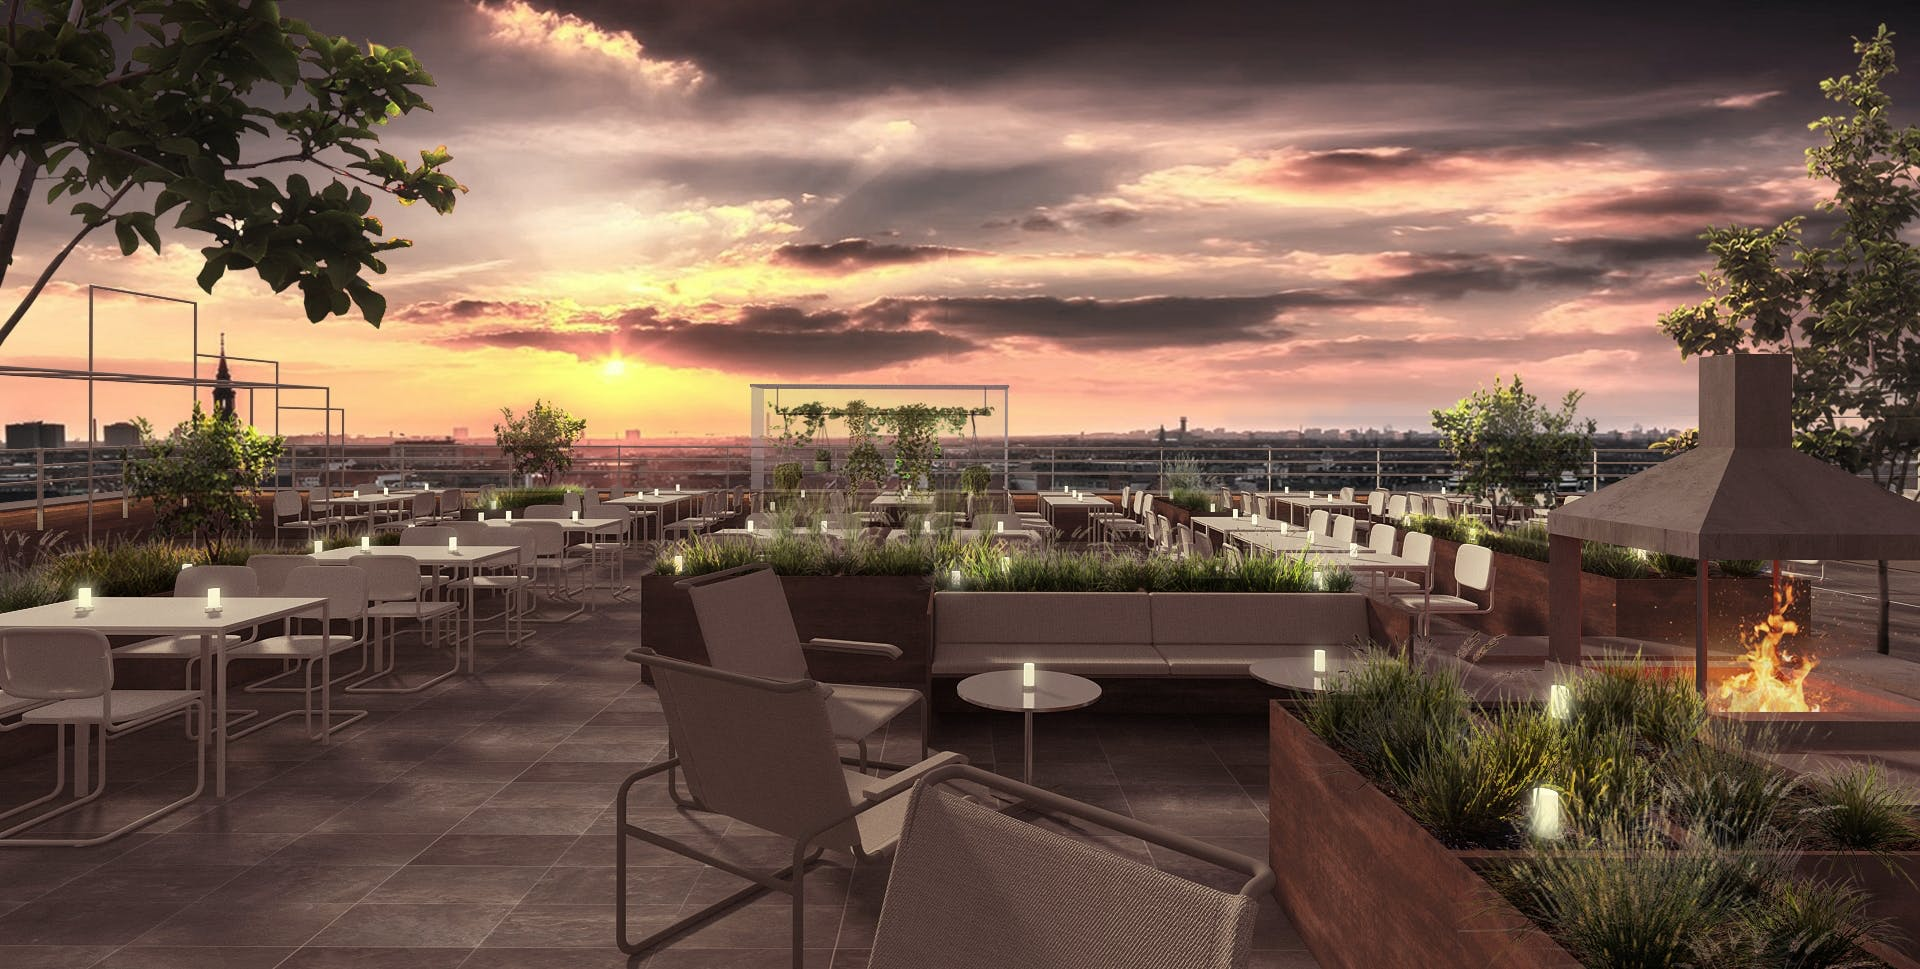 tramonto restaurant københavn carlsberg hotel ottilia tagterasse